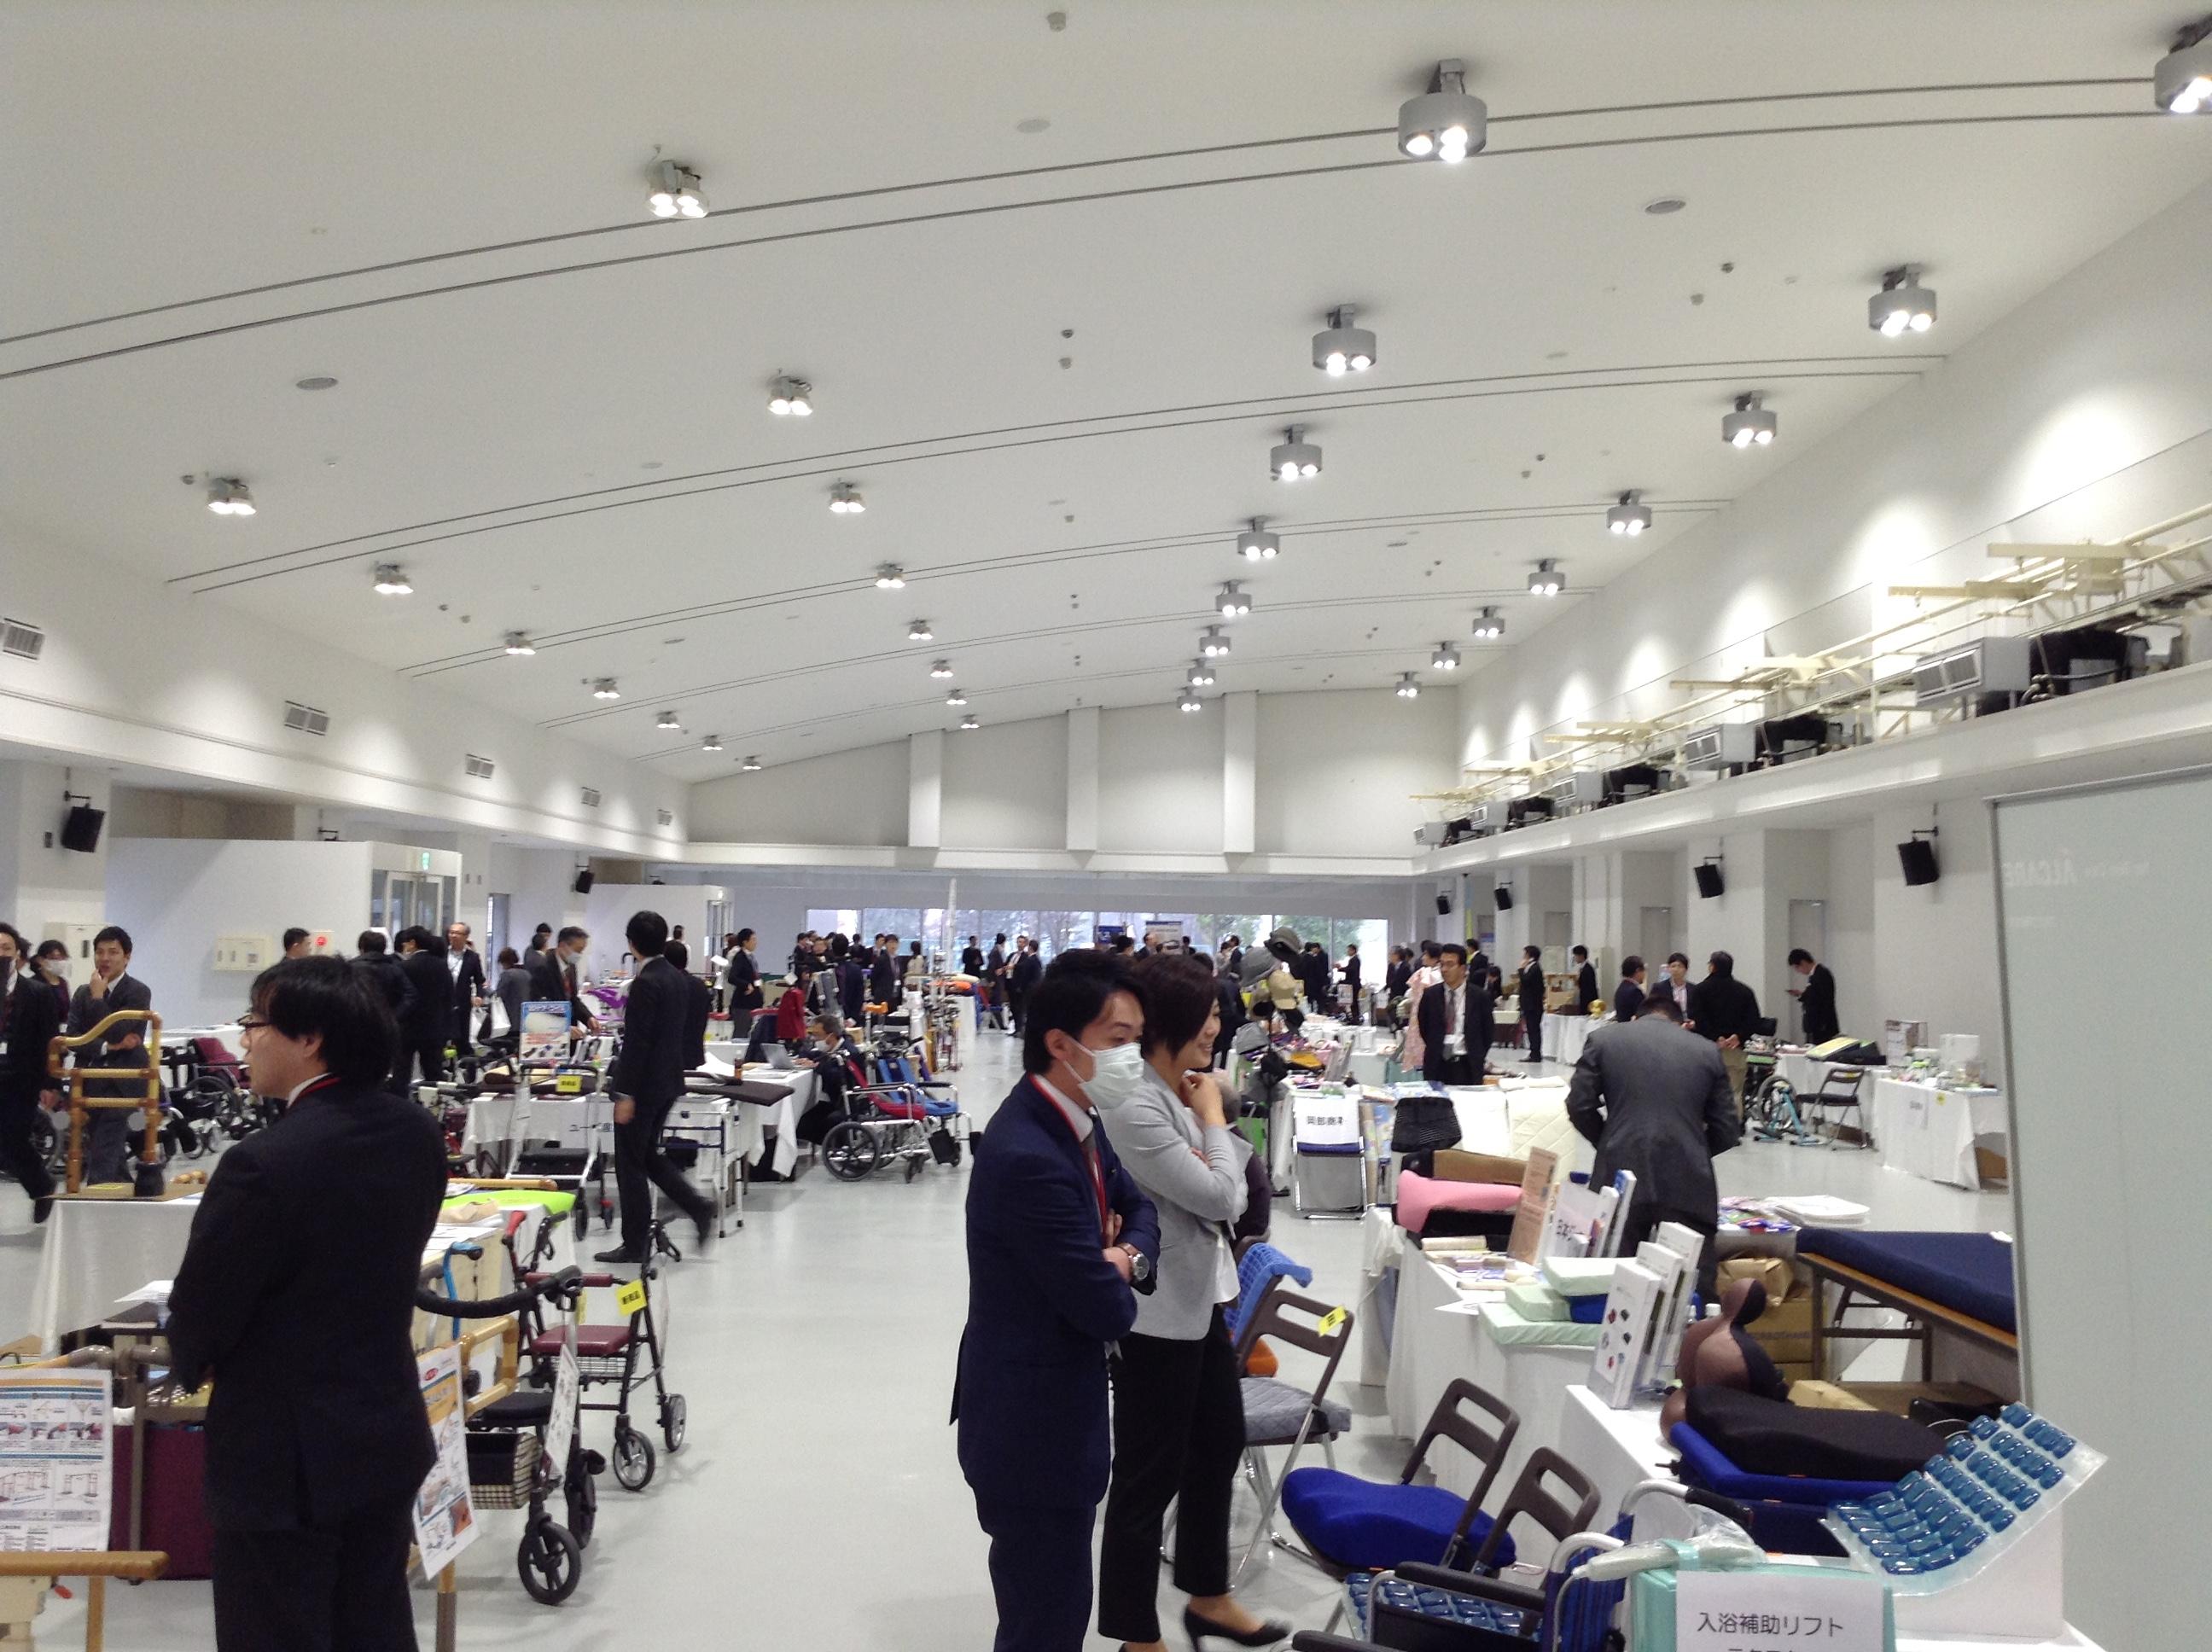 宮城県 夢メッセで展示会を行いました。